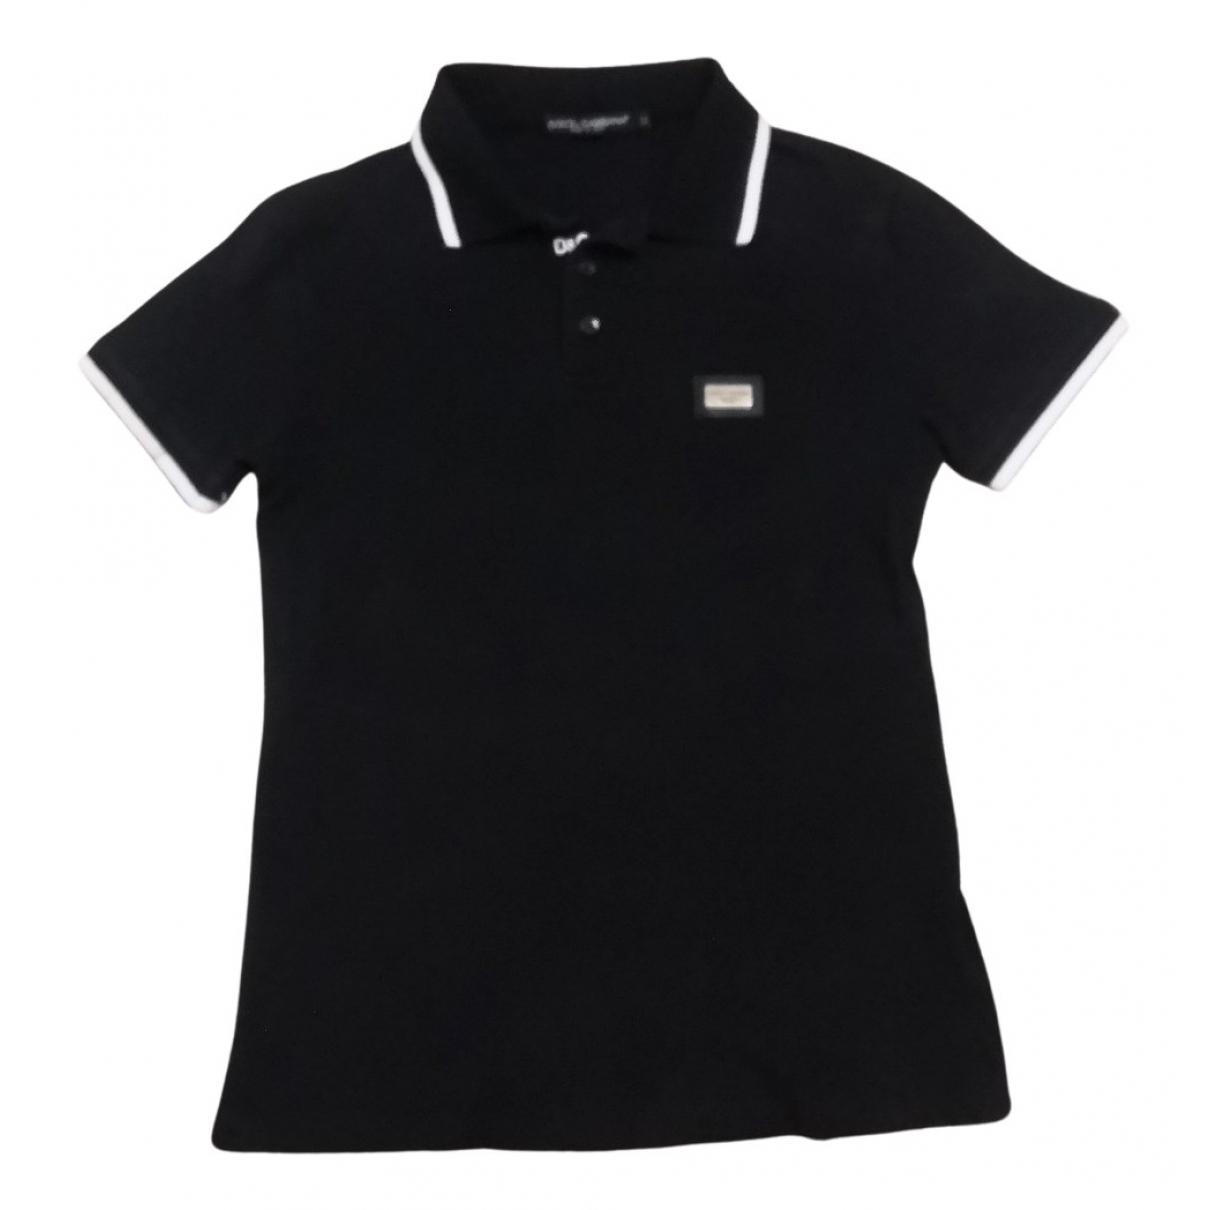 D&g \N Poloshirts in  Schwarz Baumwolle